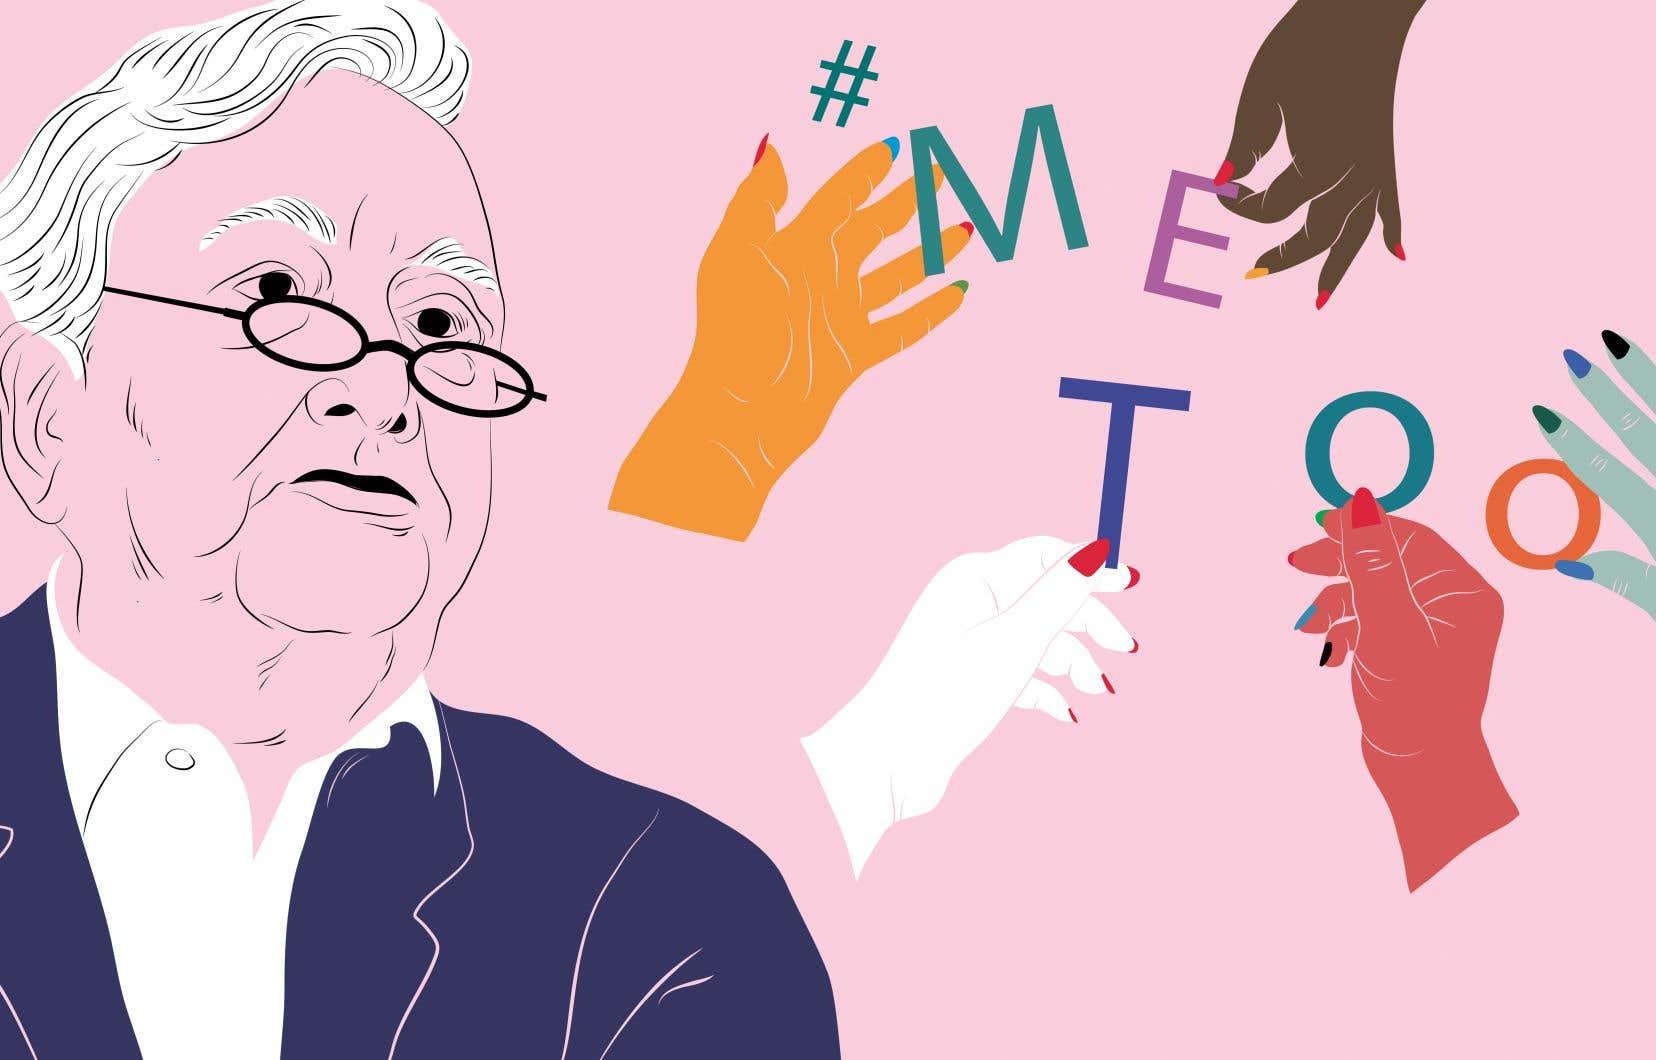 Le sociologue français Raymond Boudon expliquerait sans doute le changement des mentalités porté par le mouvement #MeToo en ayant recours à sa théorie de l'évolution des sentiments moraux pour le respect de la dignité de la personne.